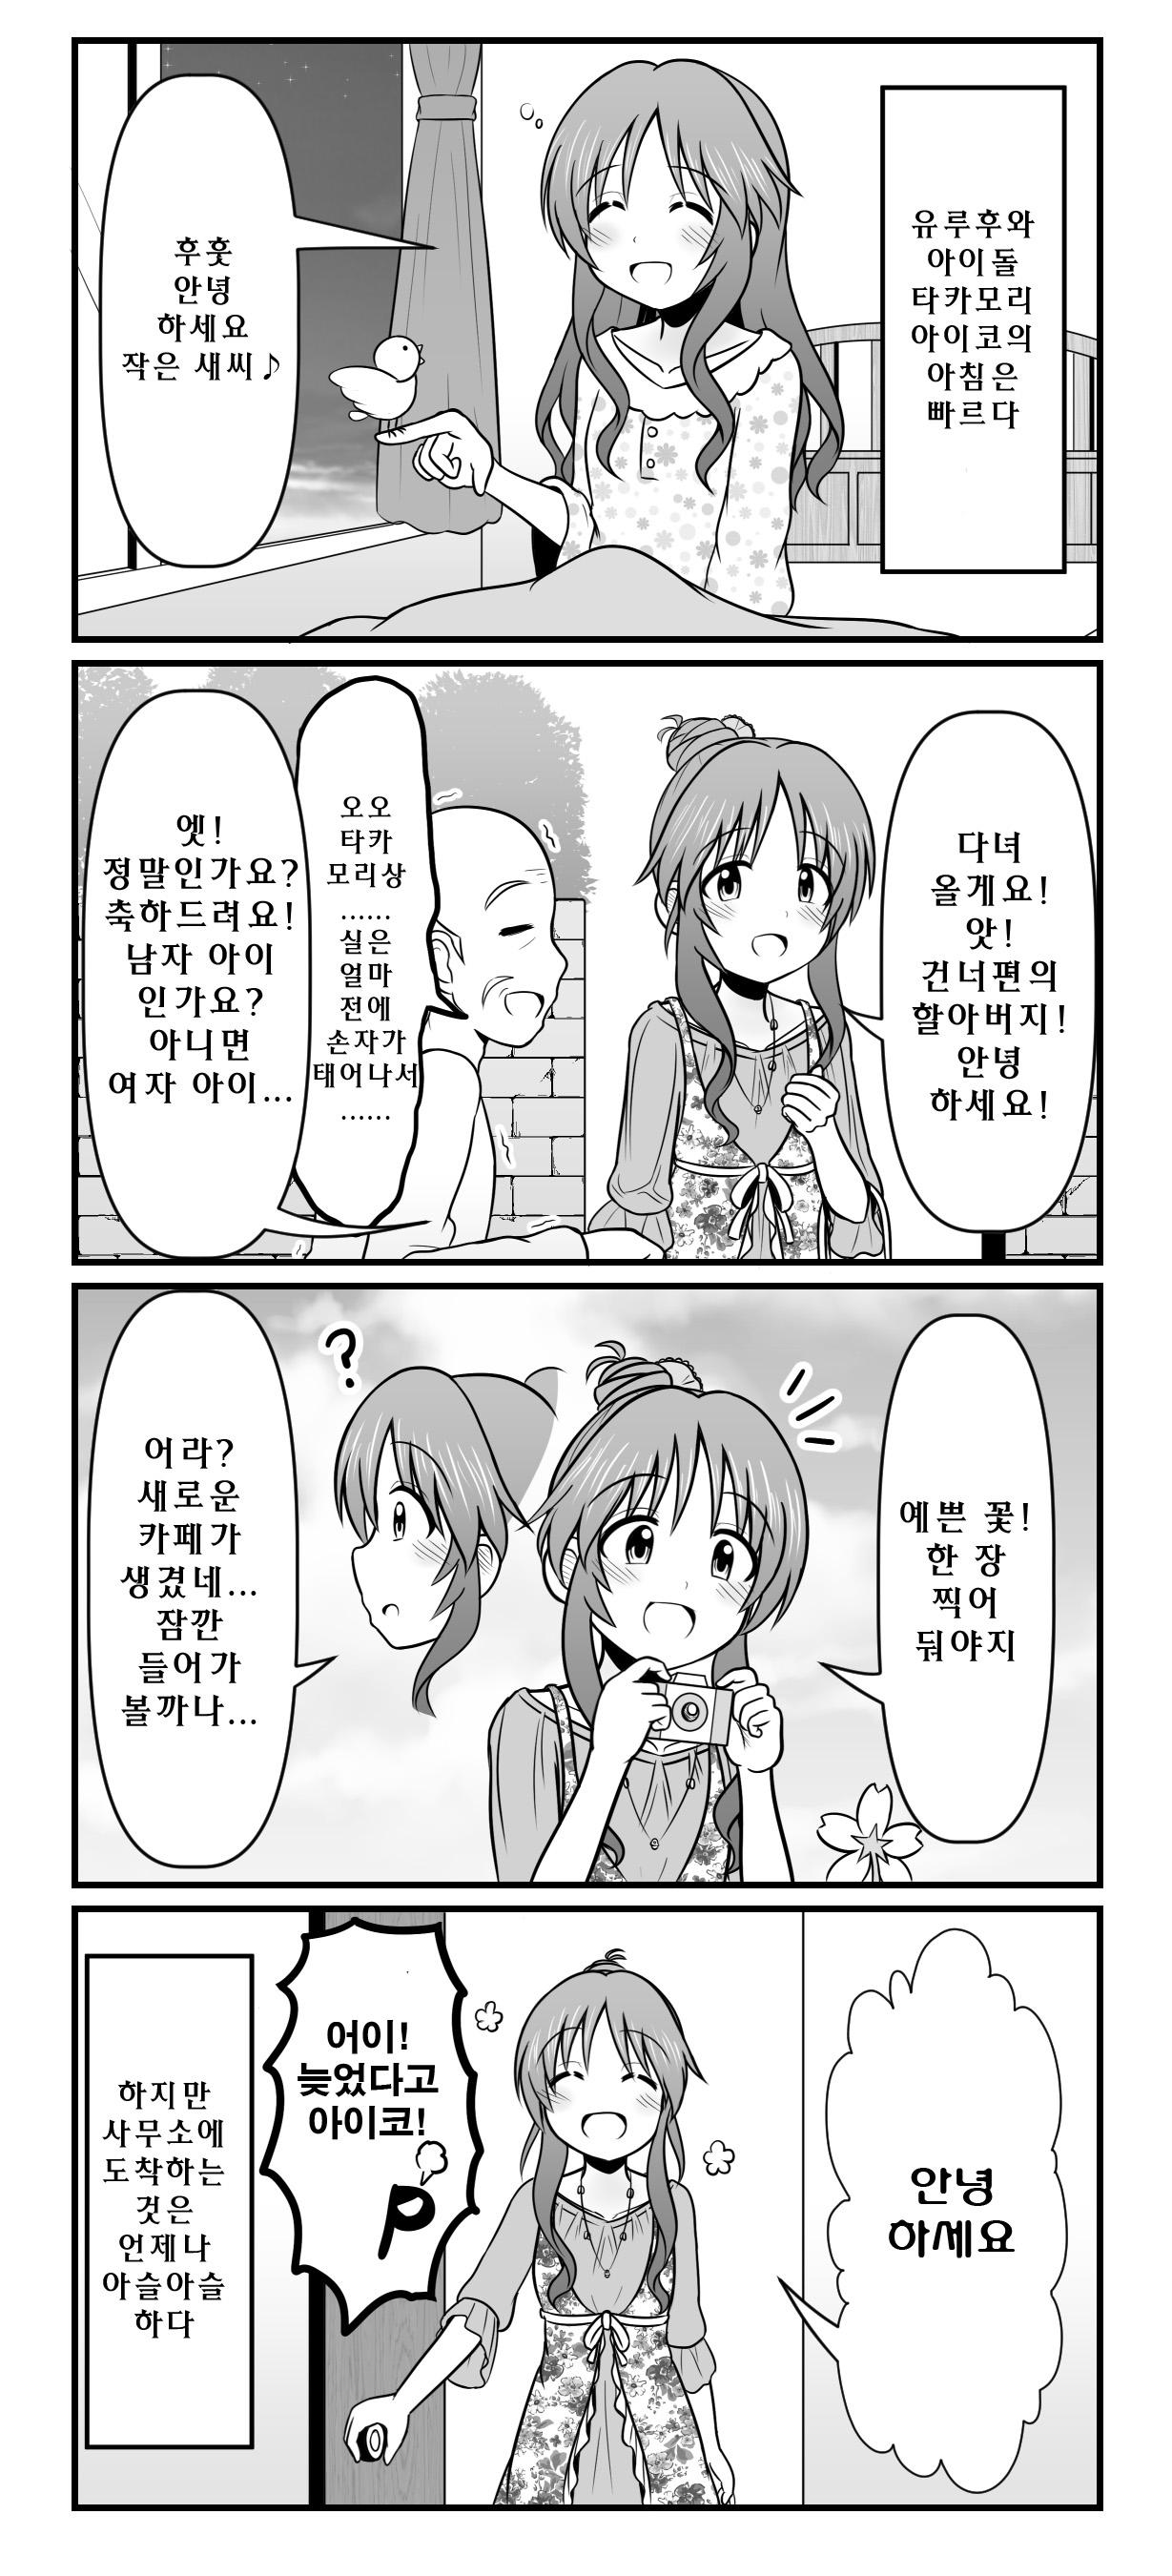 [신데]아이코의 아침, 핼러윈의 쇼코와 코우메